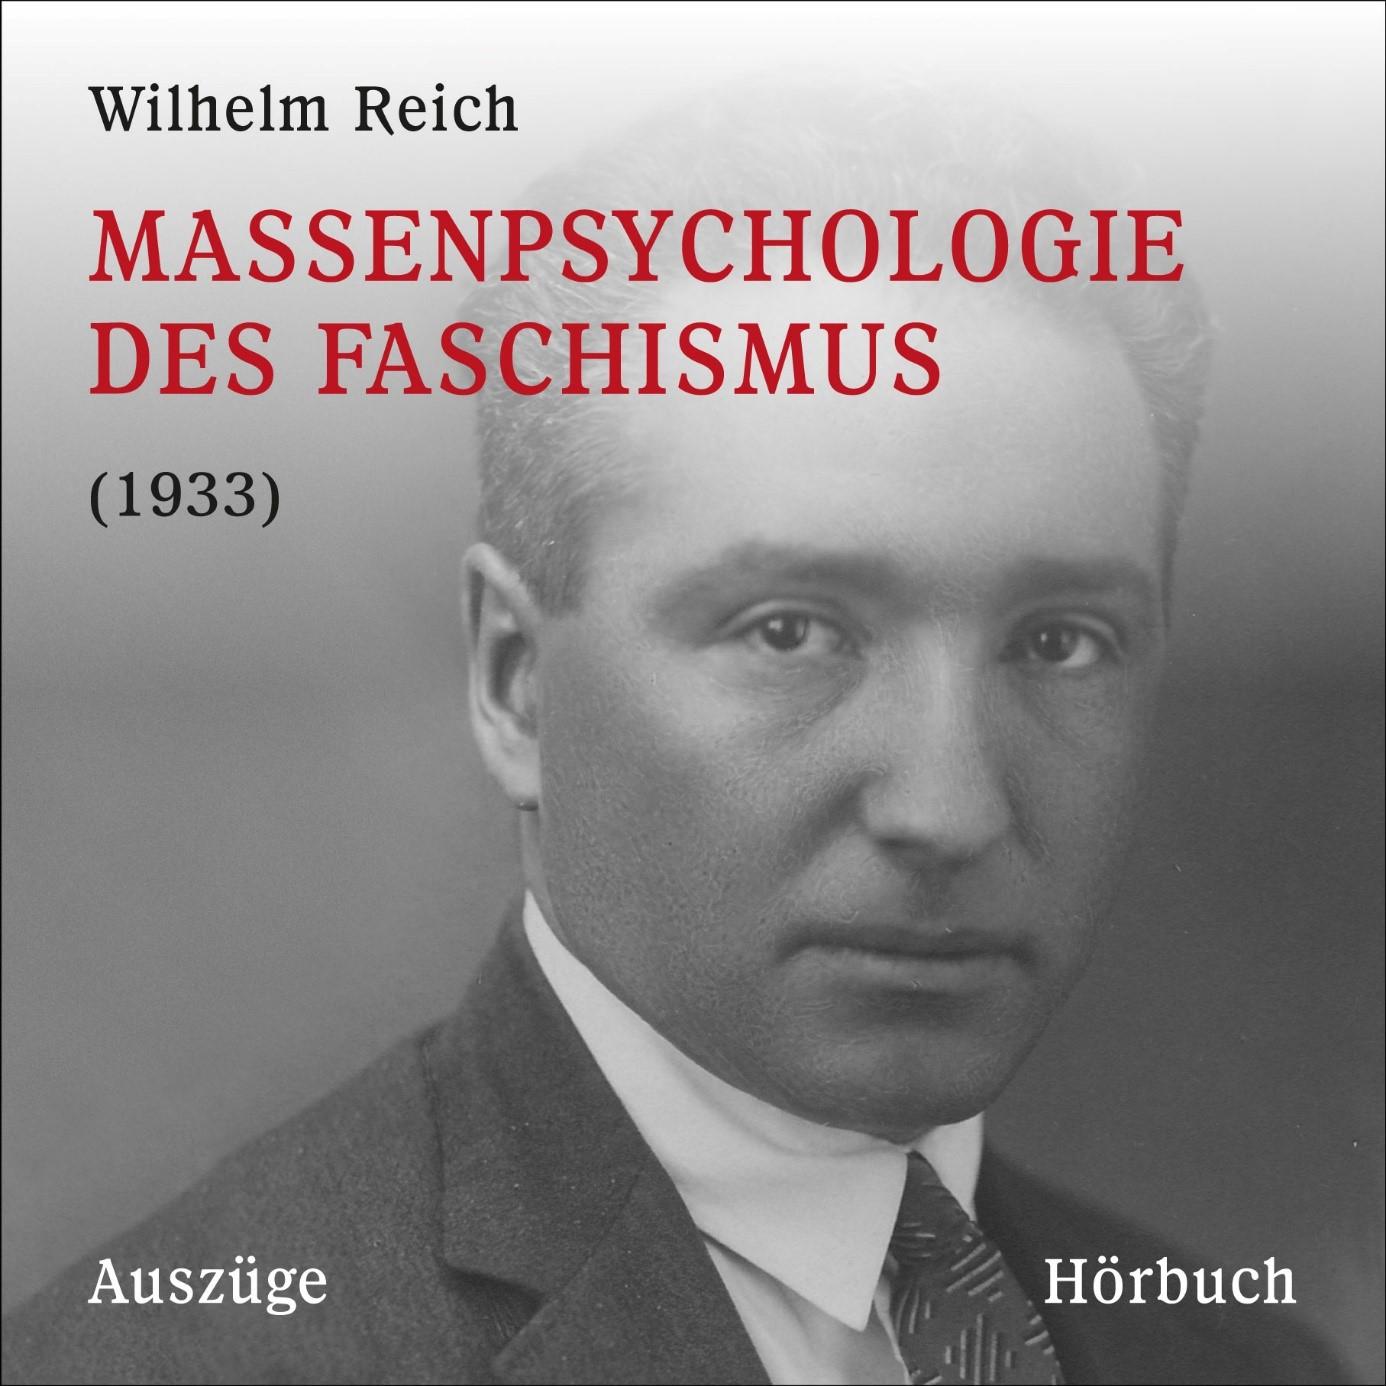 Wilhelm Reich Massenpsychologie des Faschismus 1933 Hörbuch